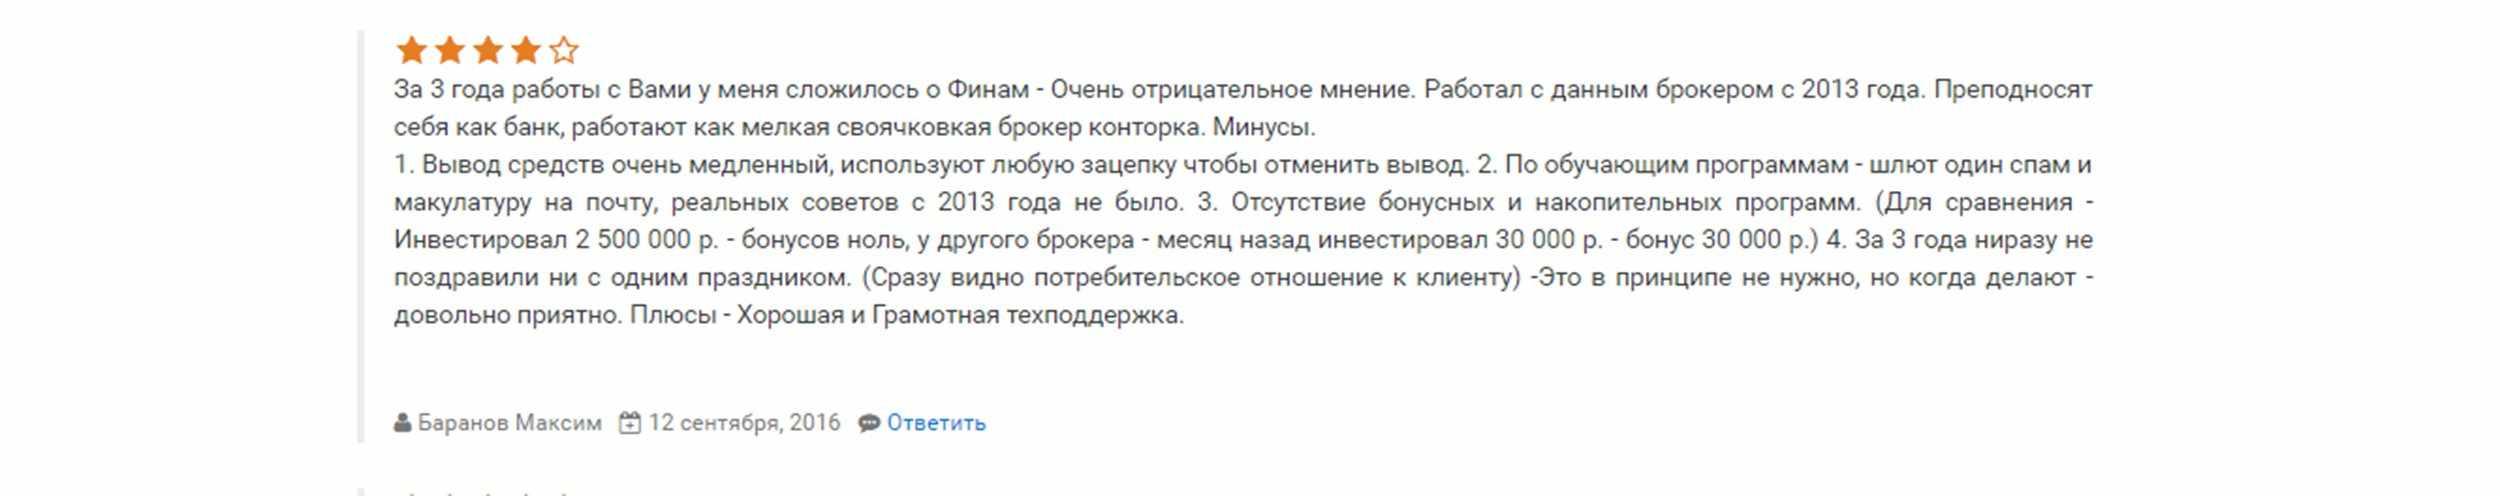 Отзыв с форума brokers-rating.ru о финам